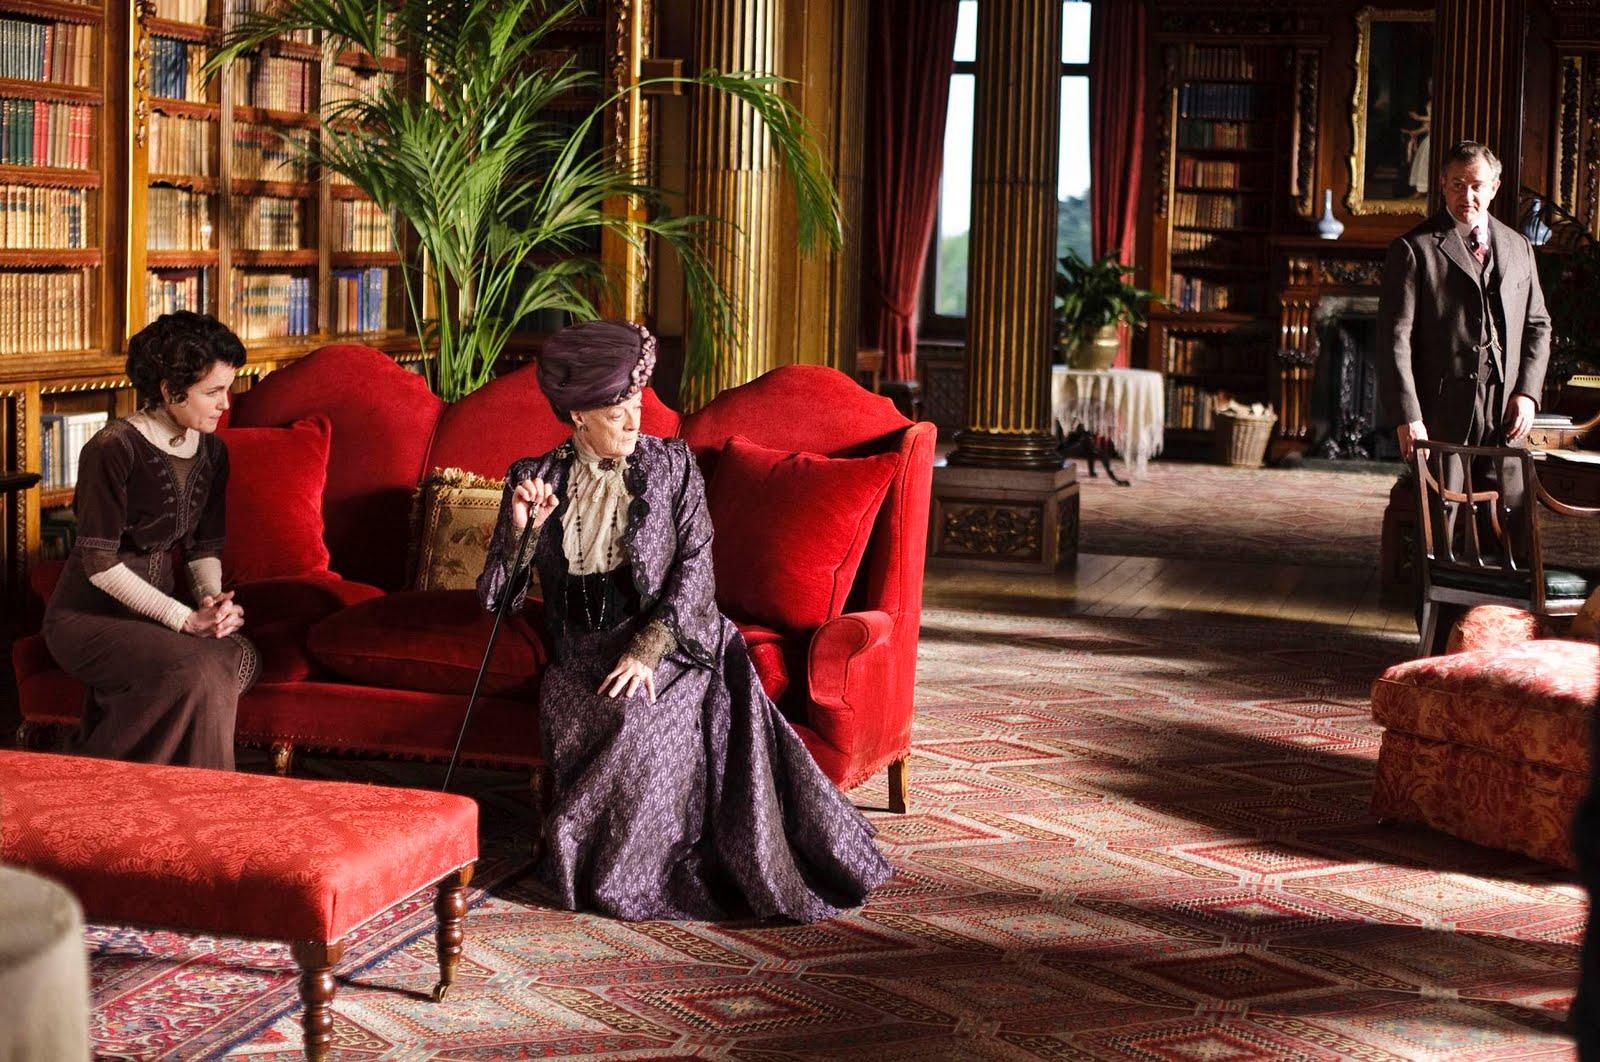 Фильм графиня и служанка онлайн, фото секретарша в черных чулках